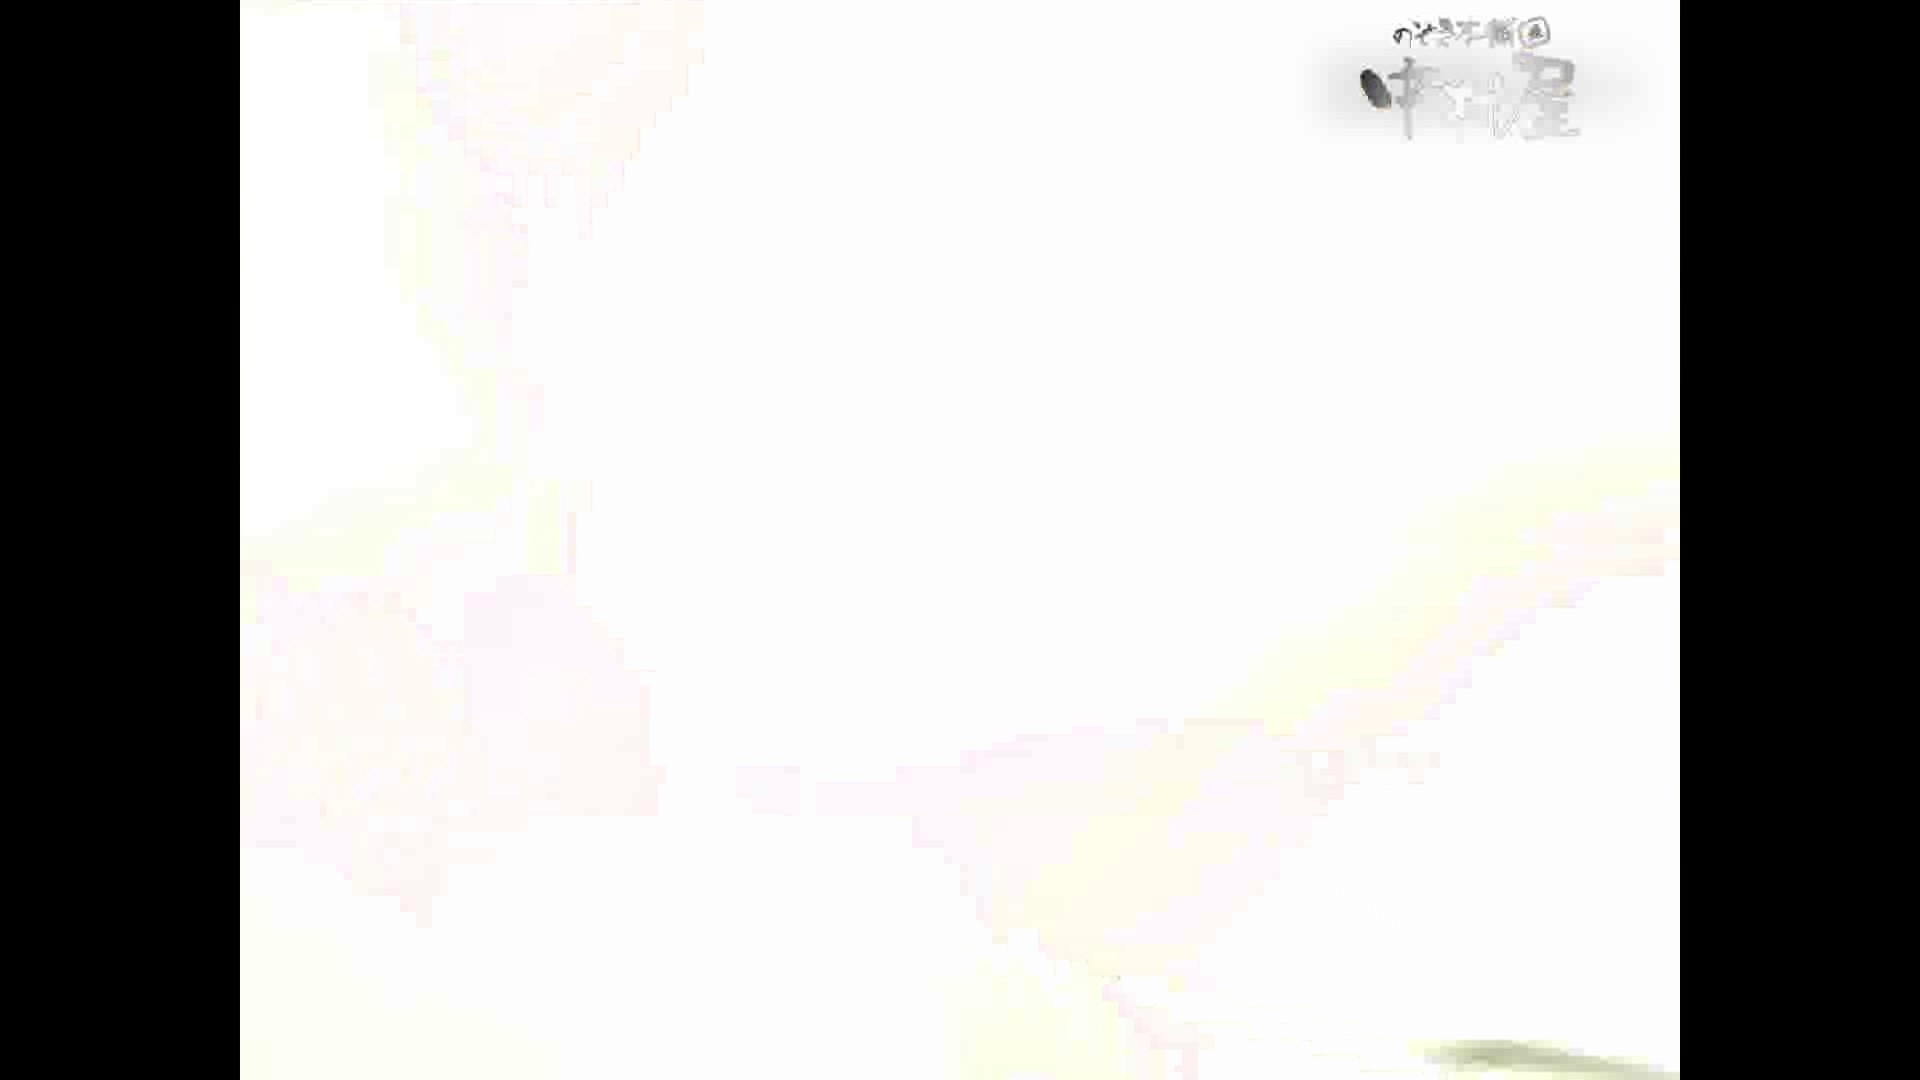 岩手県在住盗撮師盗撮記録vol.23 ハプニング   OLのエロ生活  112連発 97